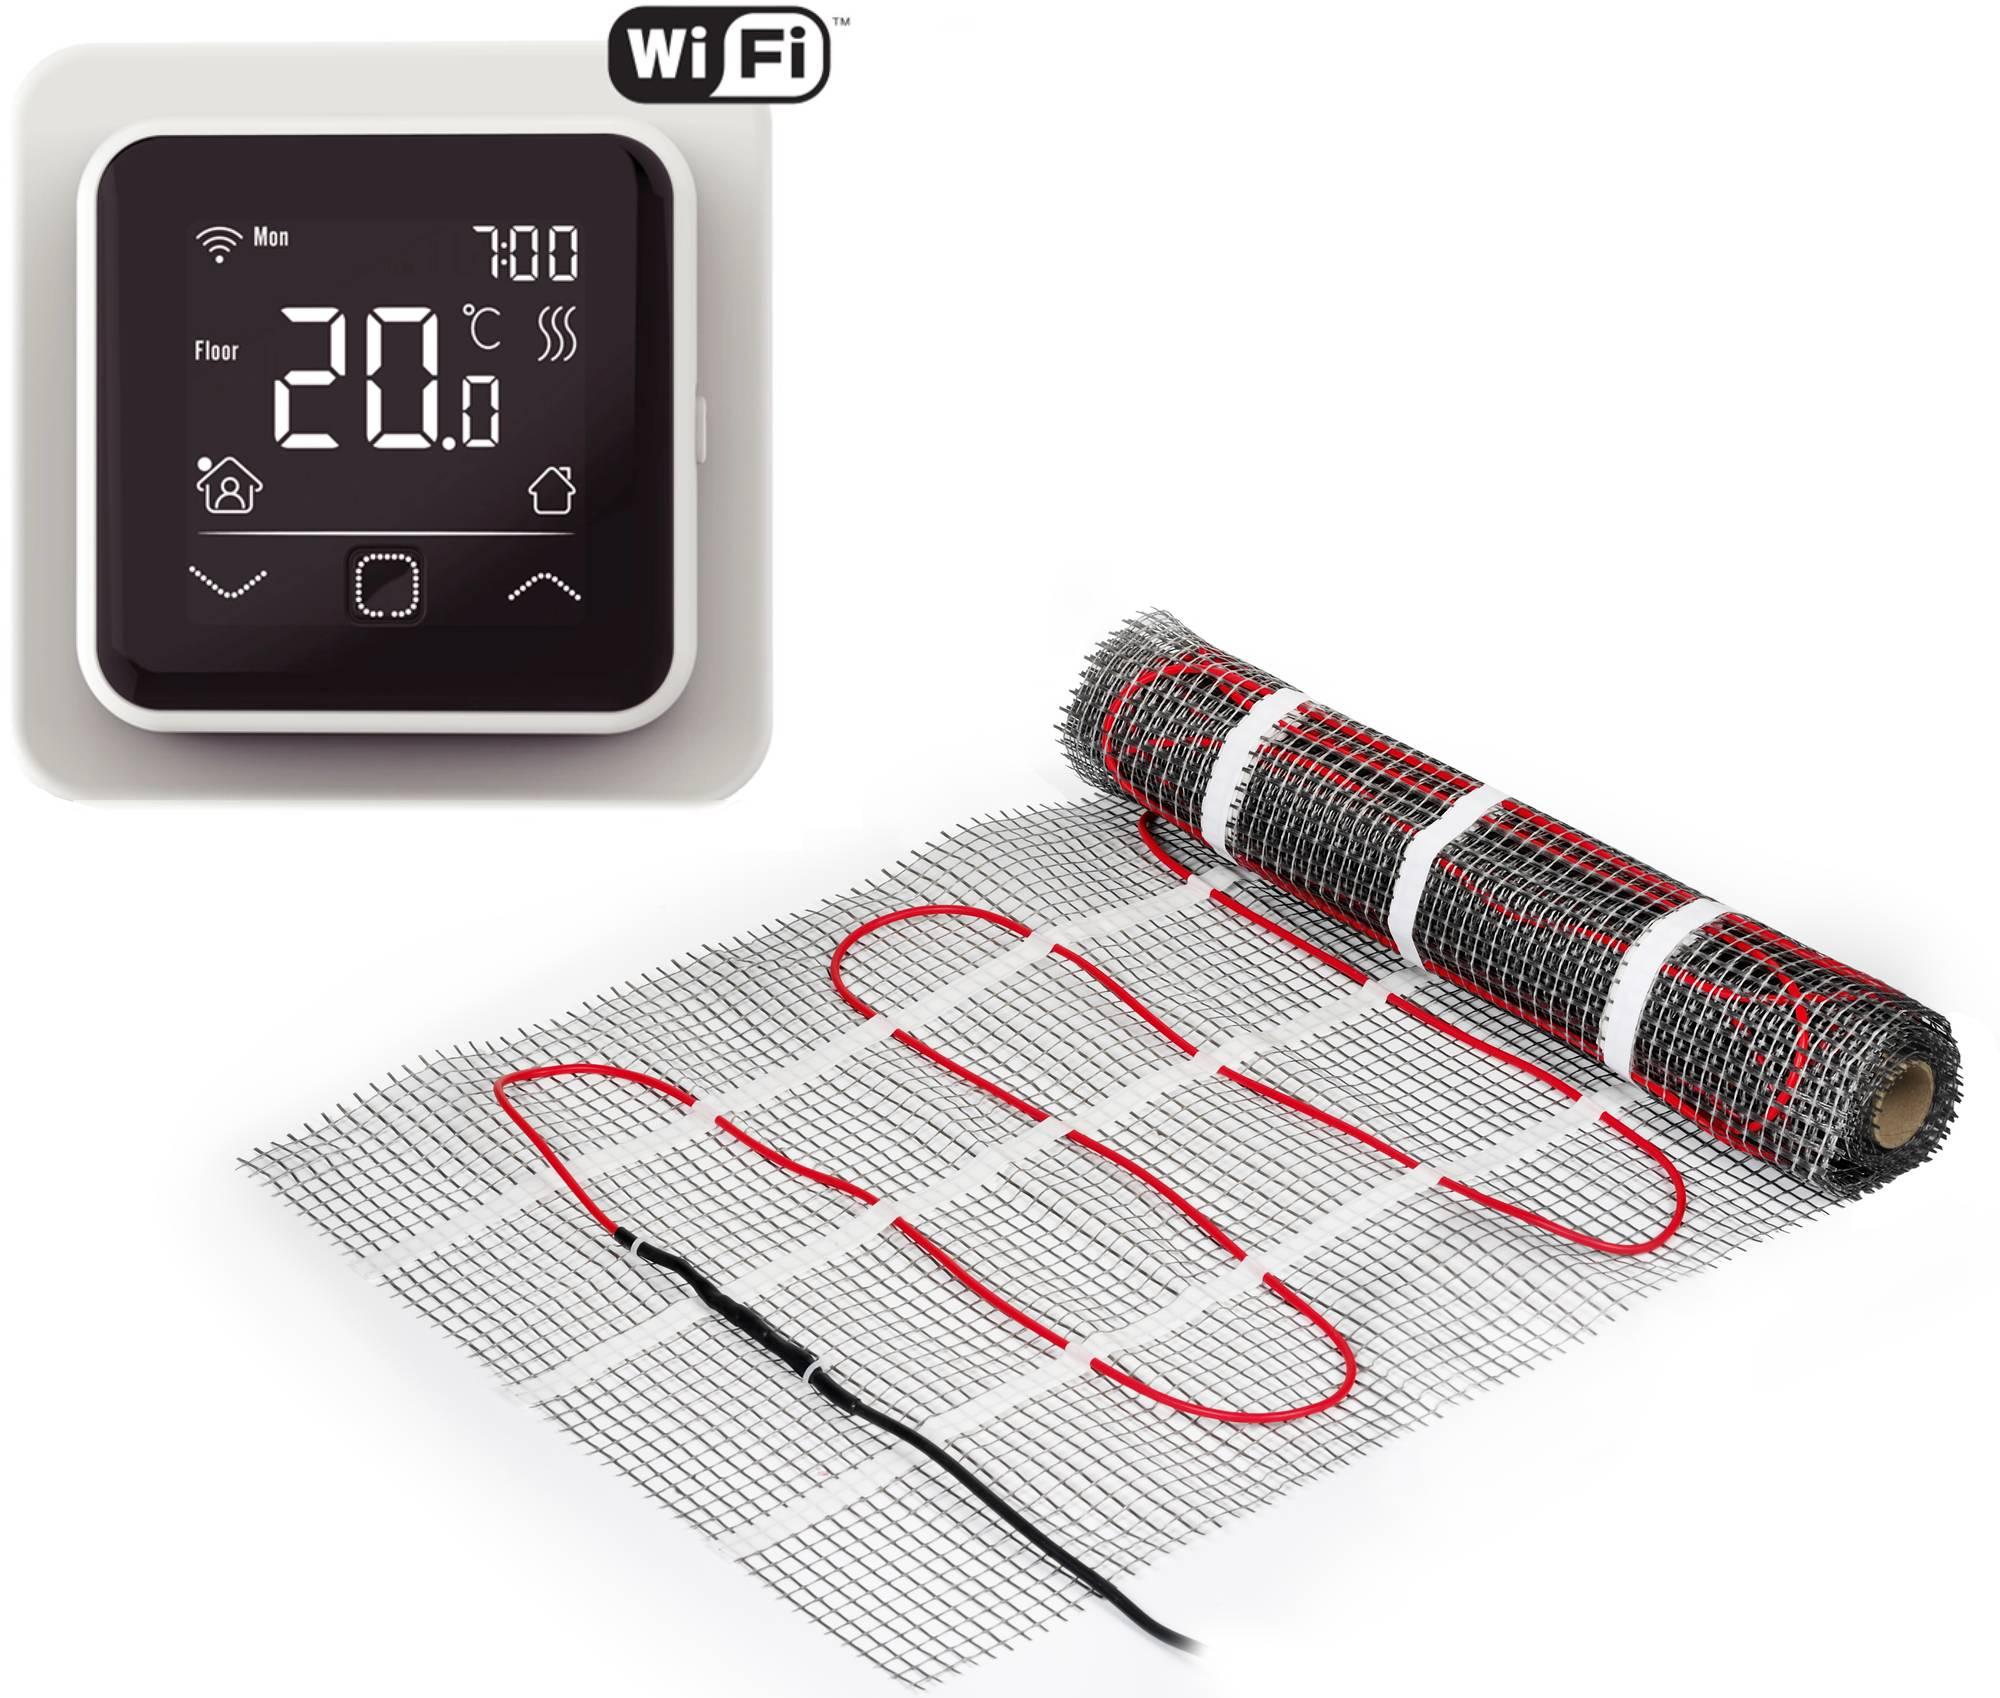 Ben Comforta Vloerverwarming 2 m² met WIFI Klokthermostaat Wit